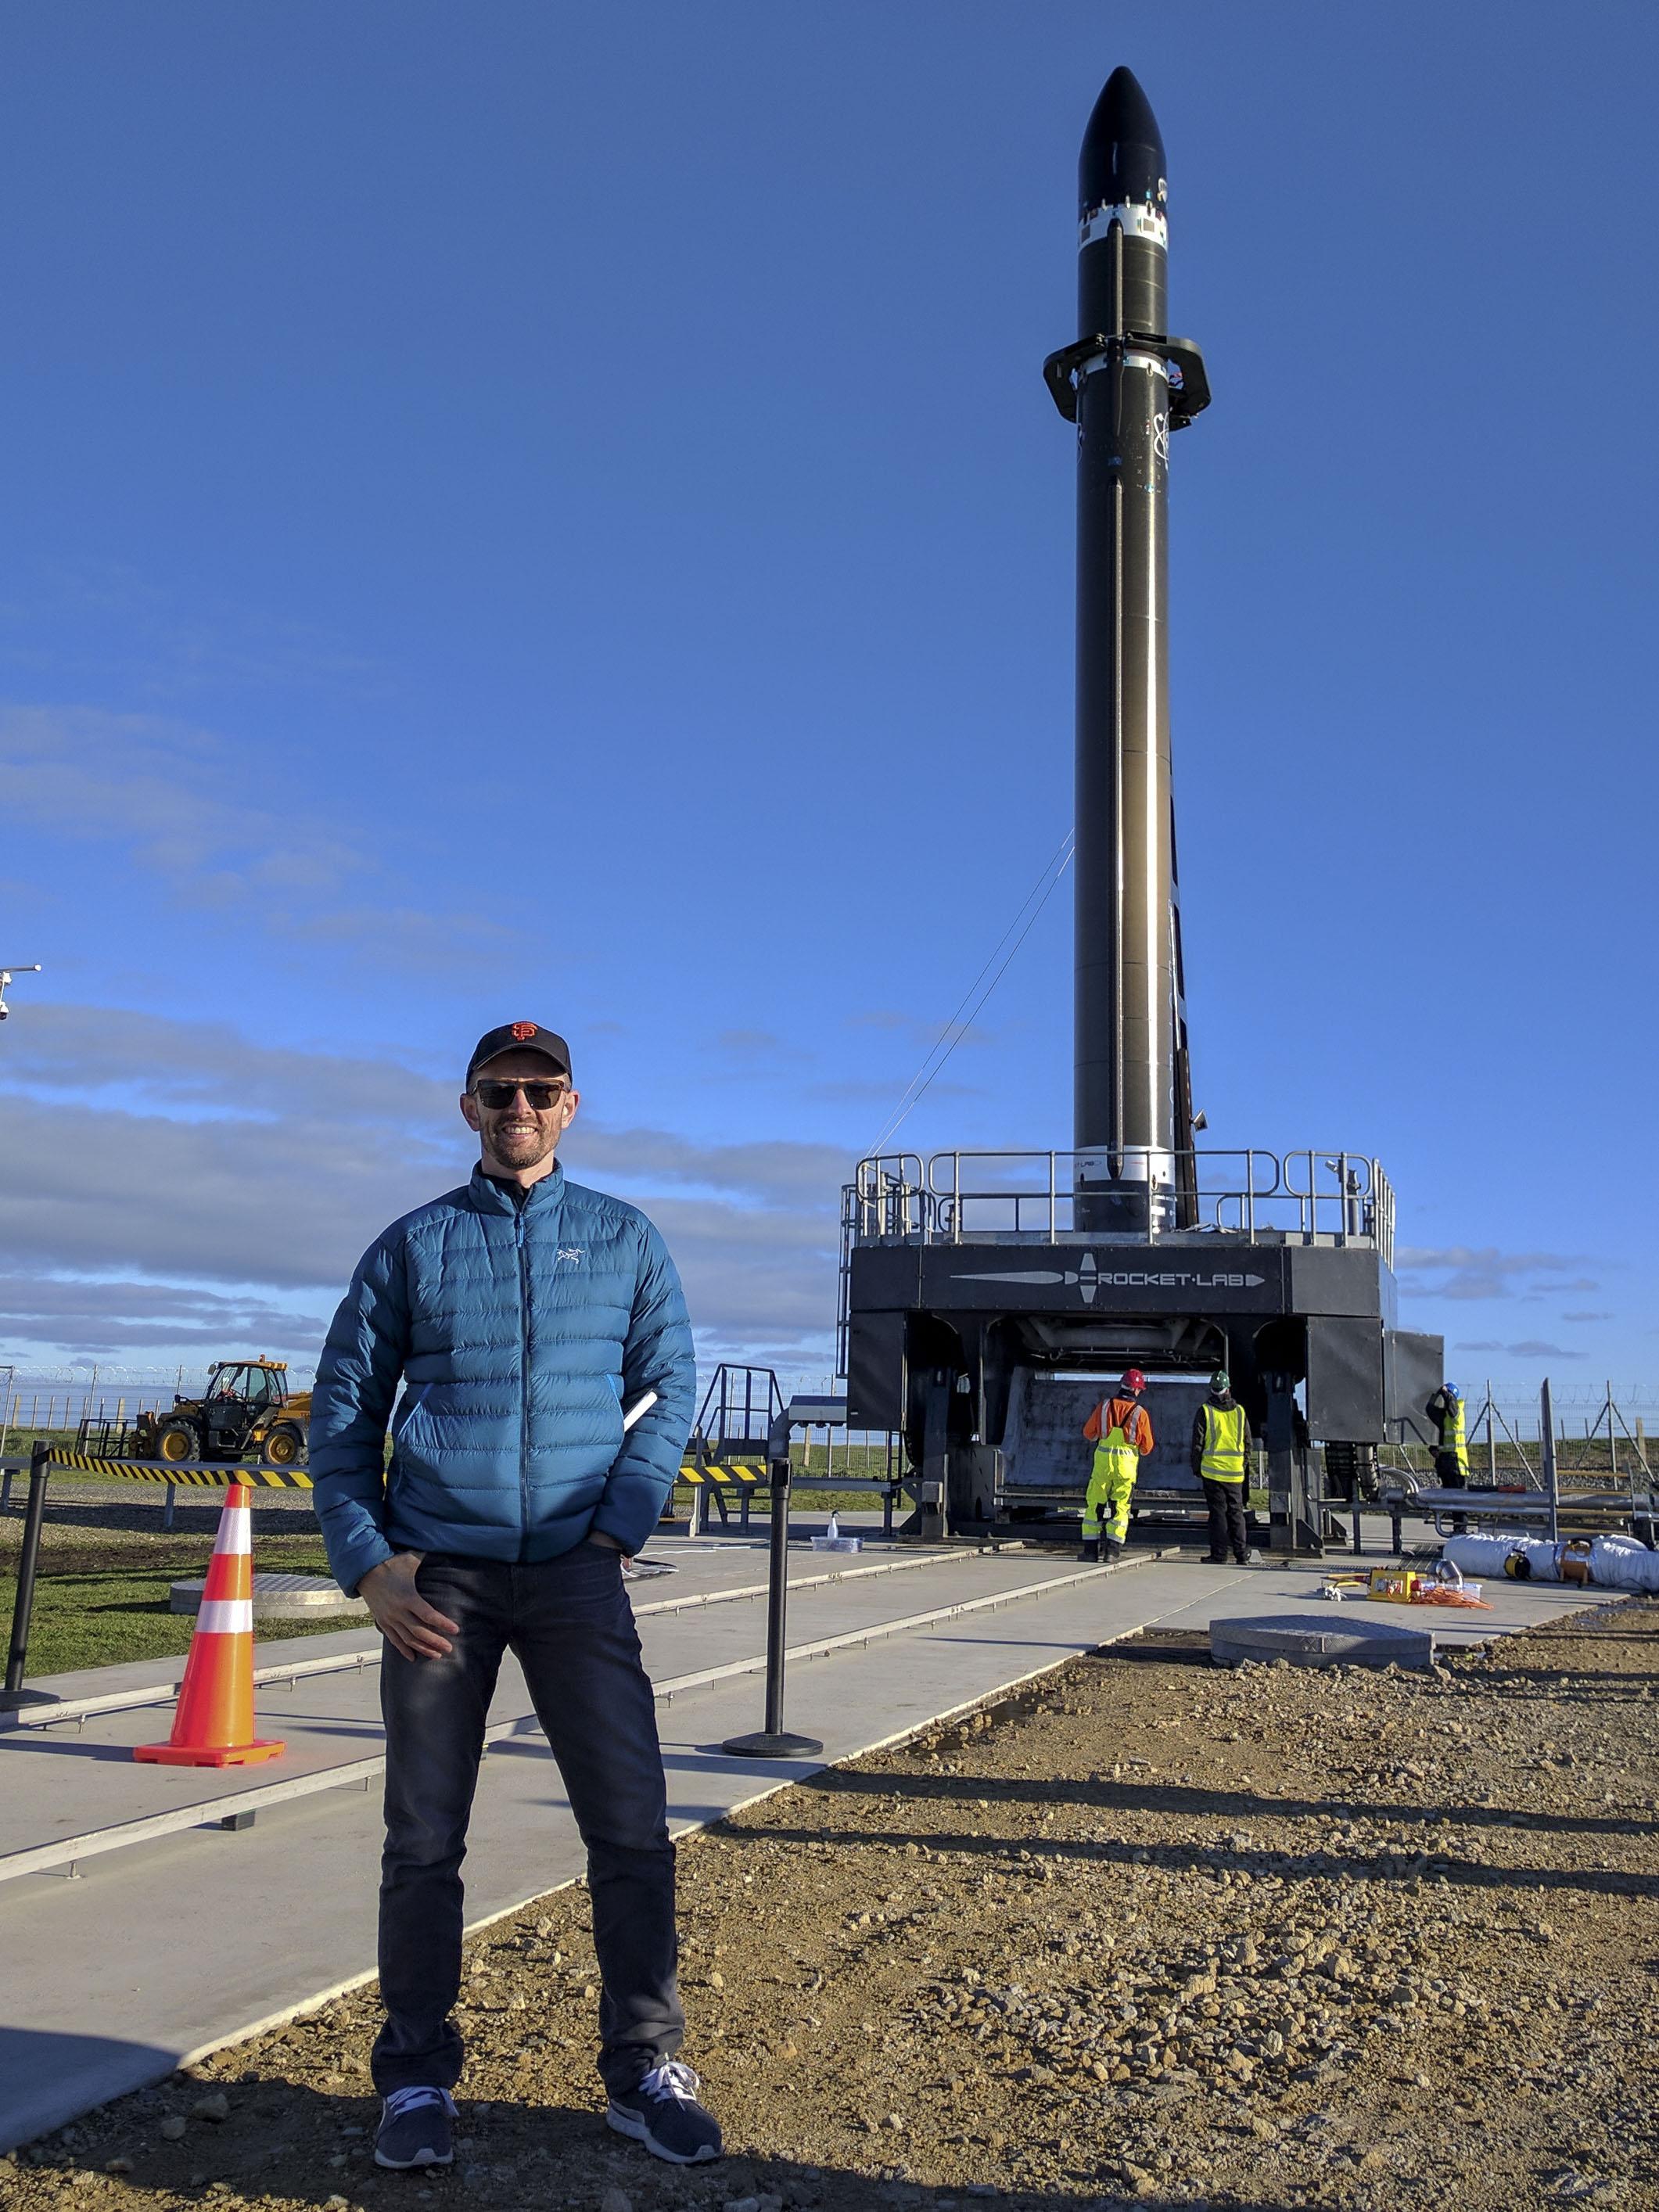 Dr Chrispy Rocket Lab New Zealand